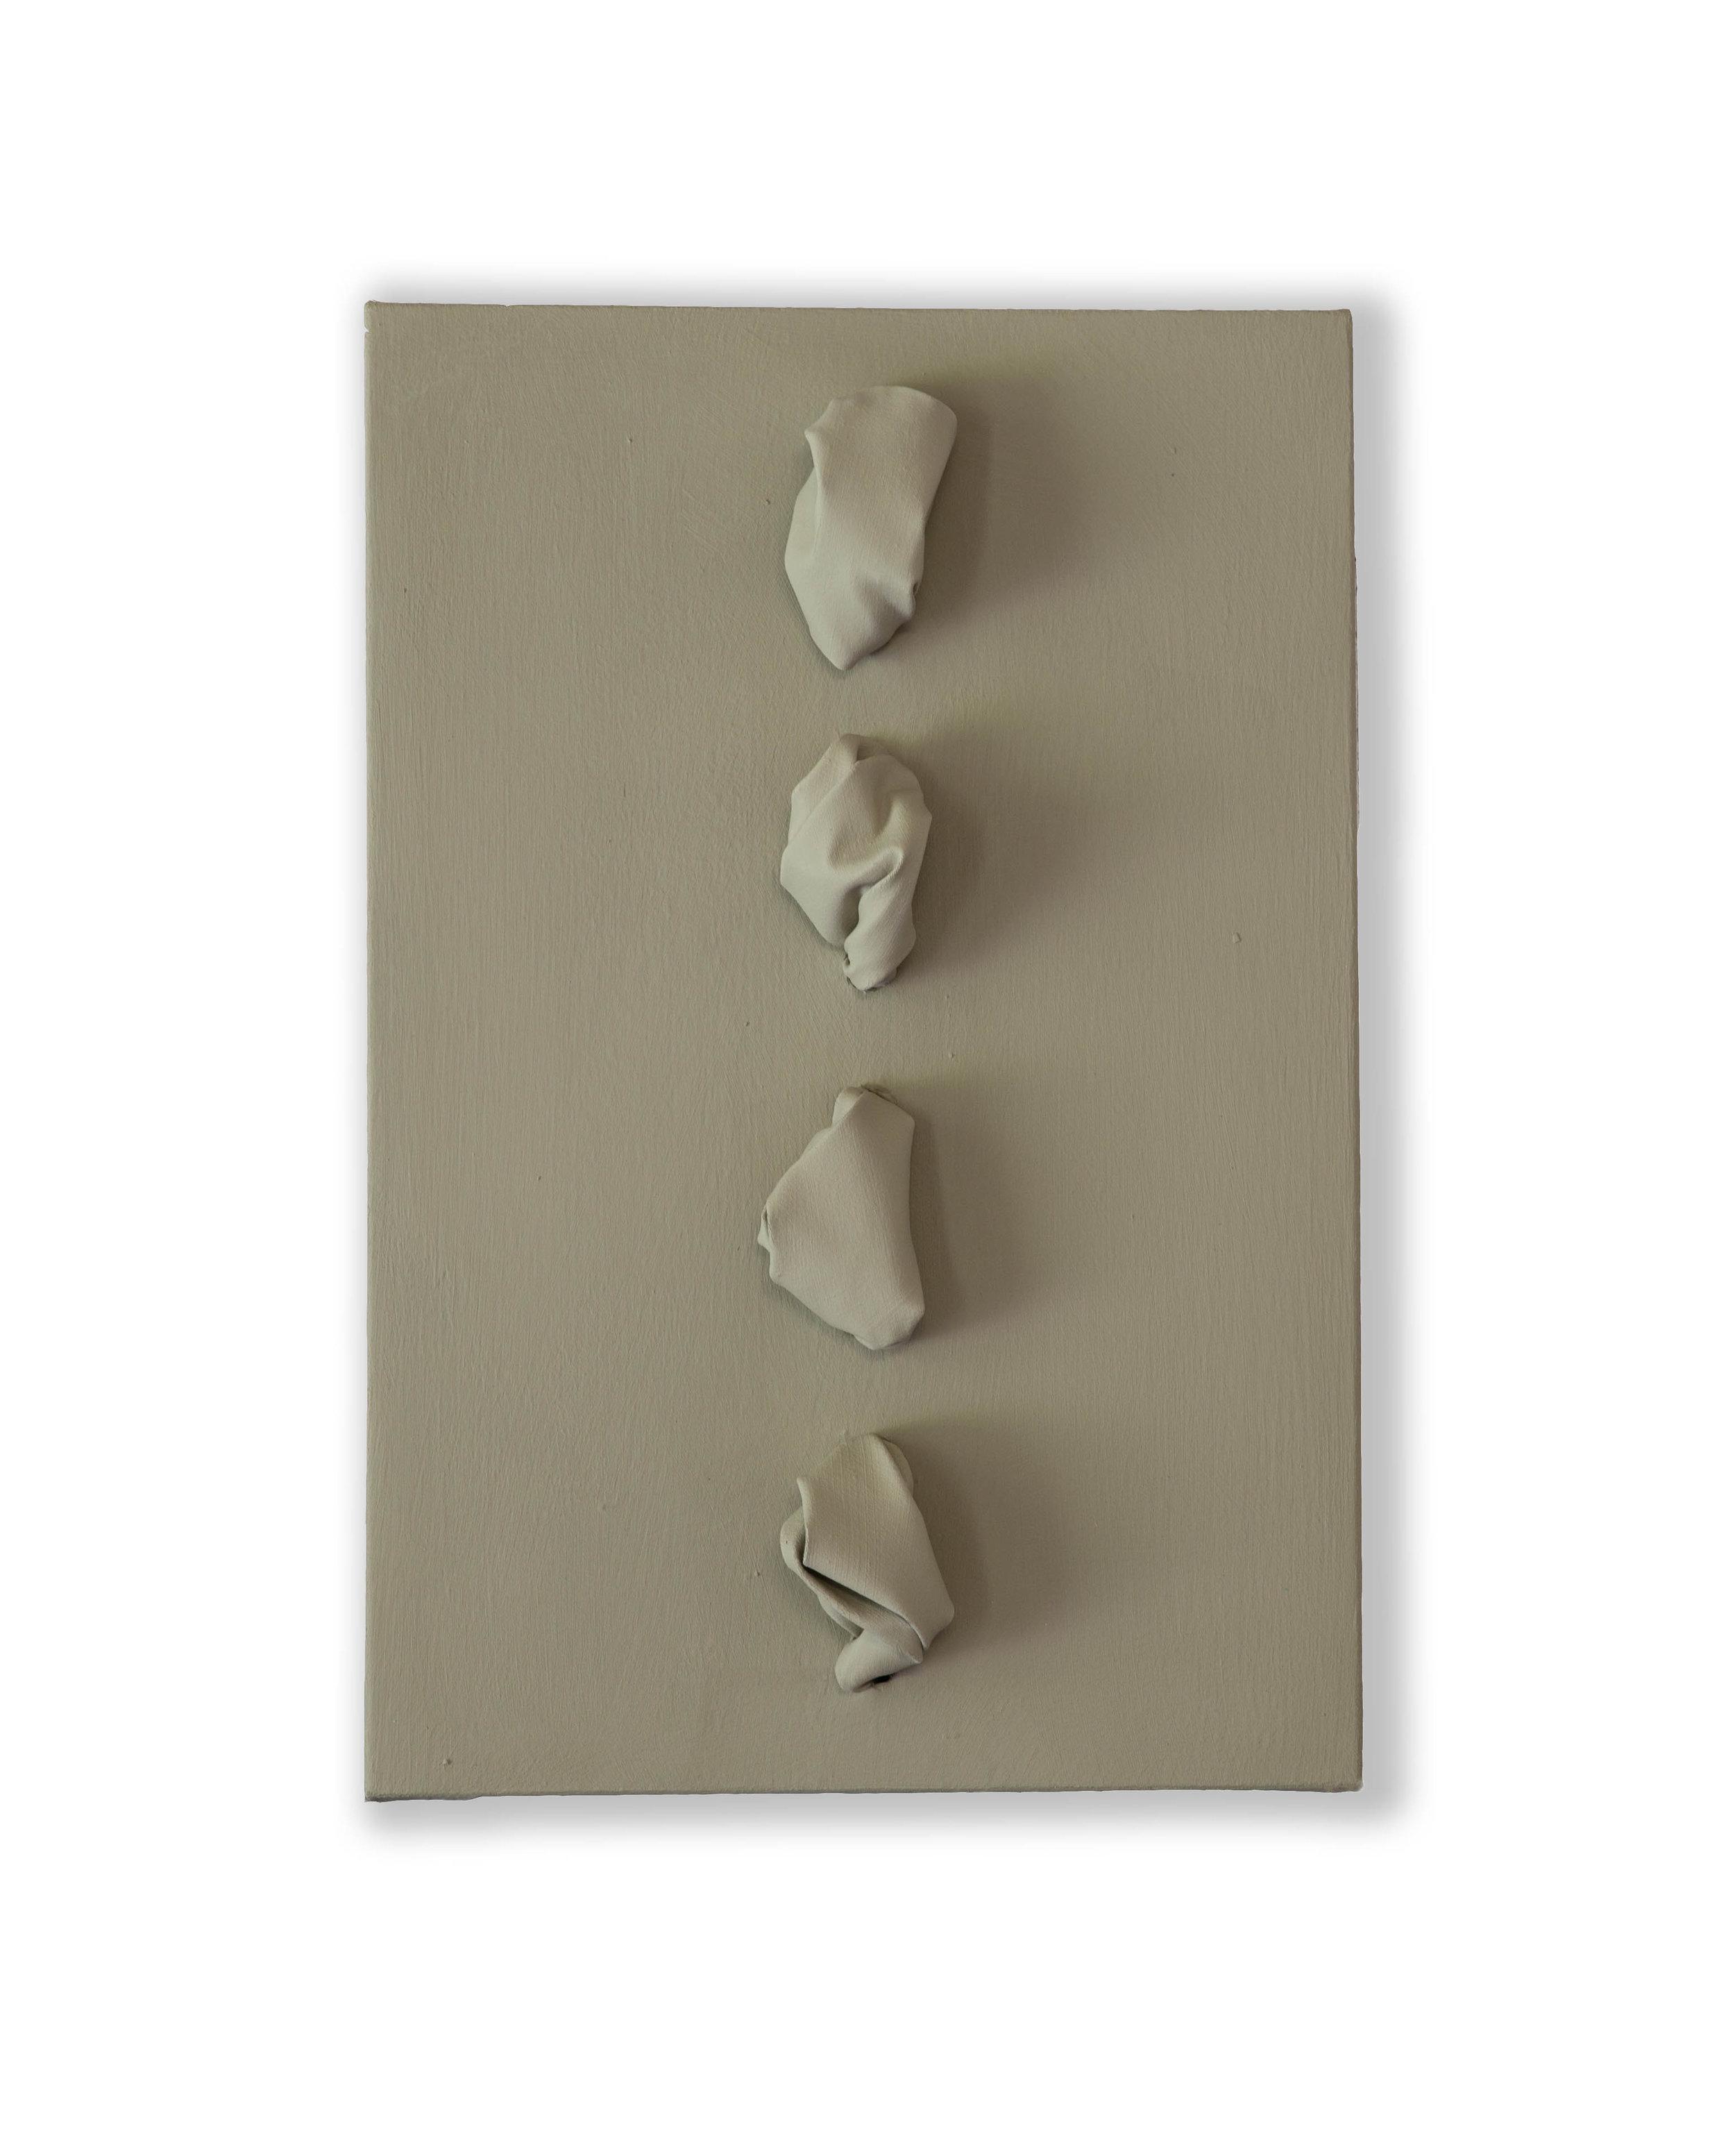 Flowing Grey Light  - 2018  Pigmento acrilico su tela stesa su tavola  60 x 40 x 16 cm  Collezione Privata